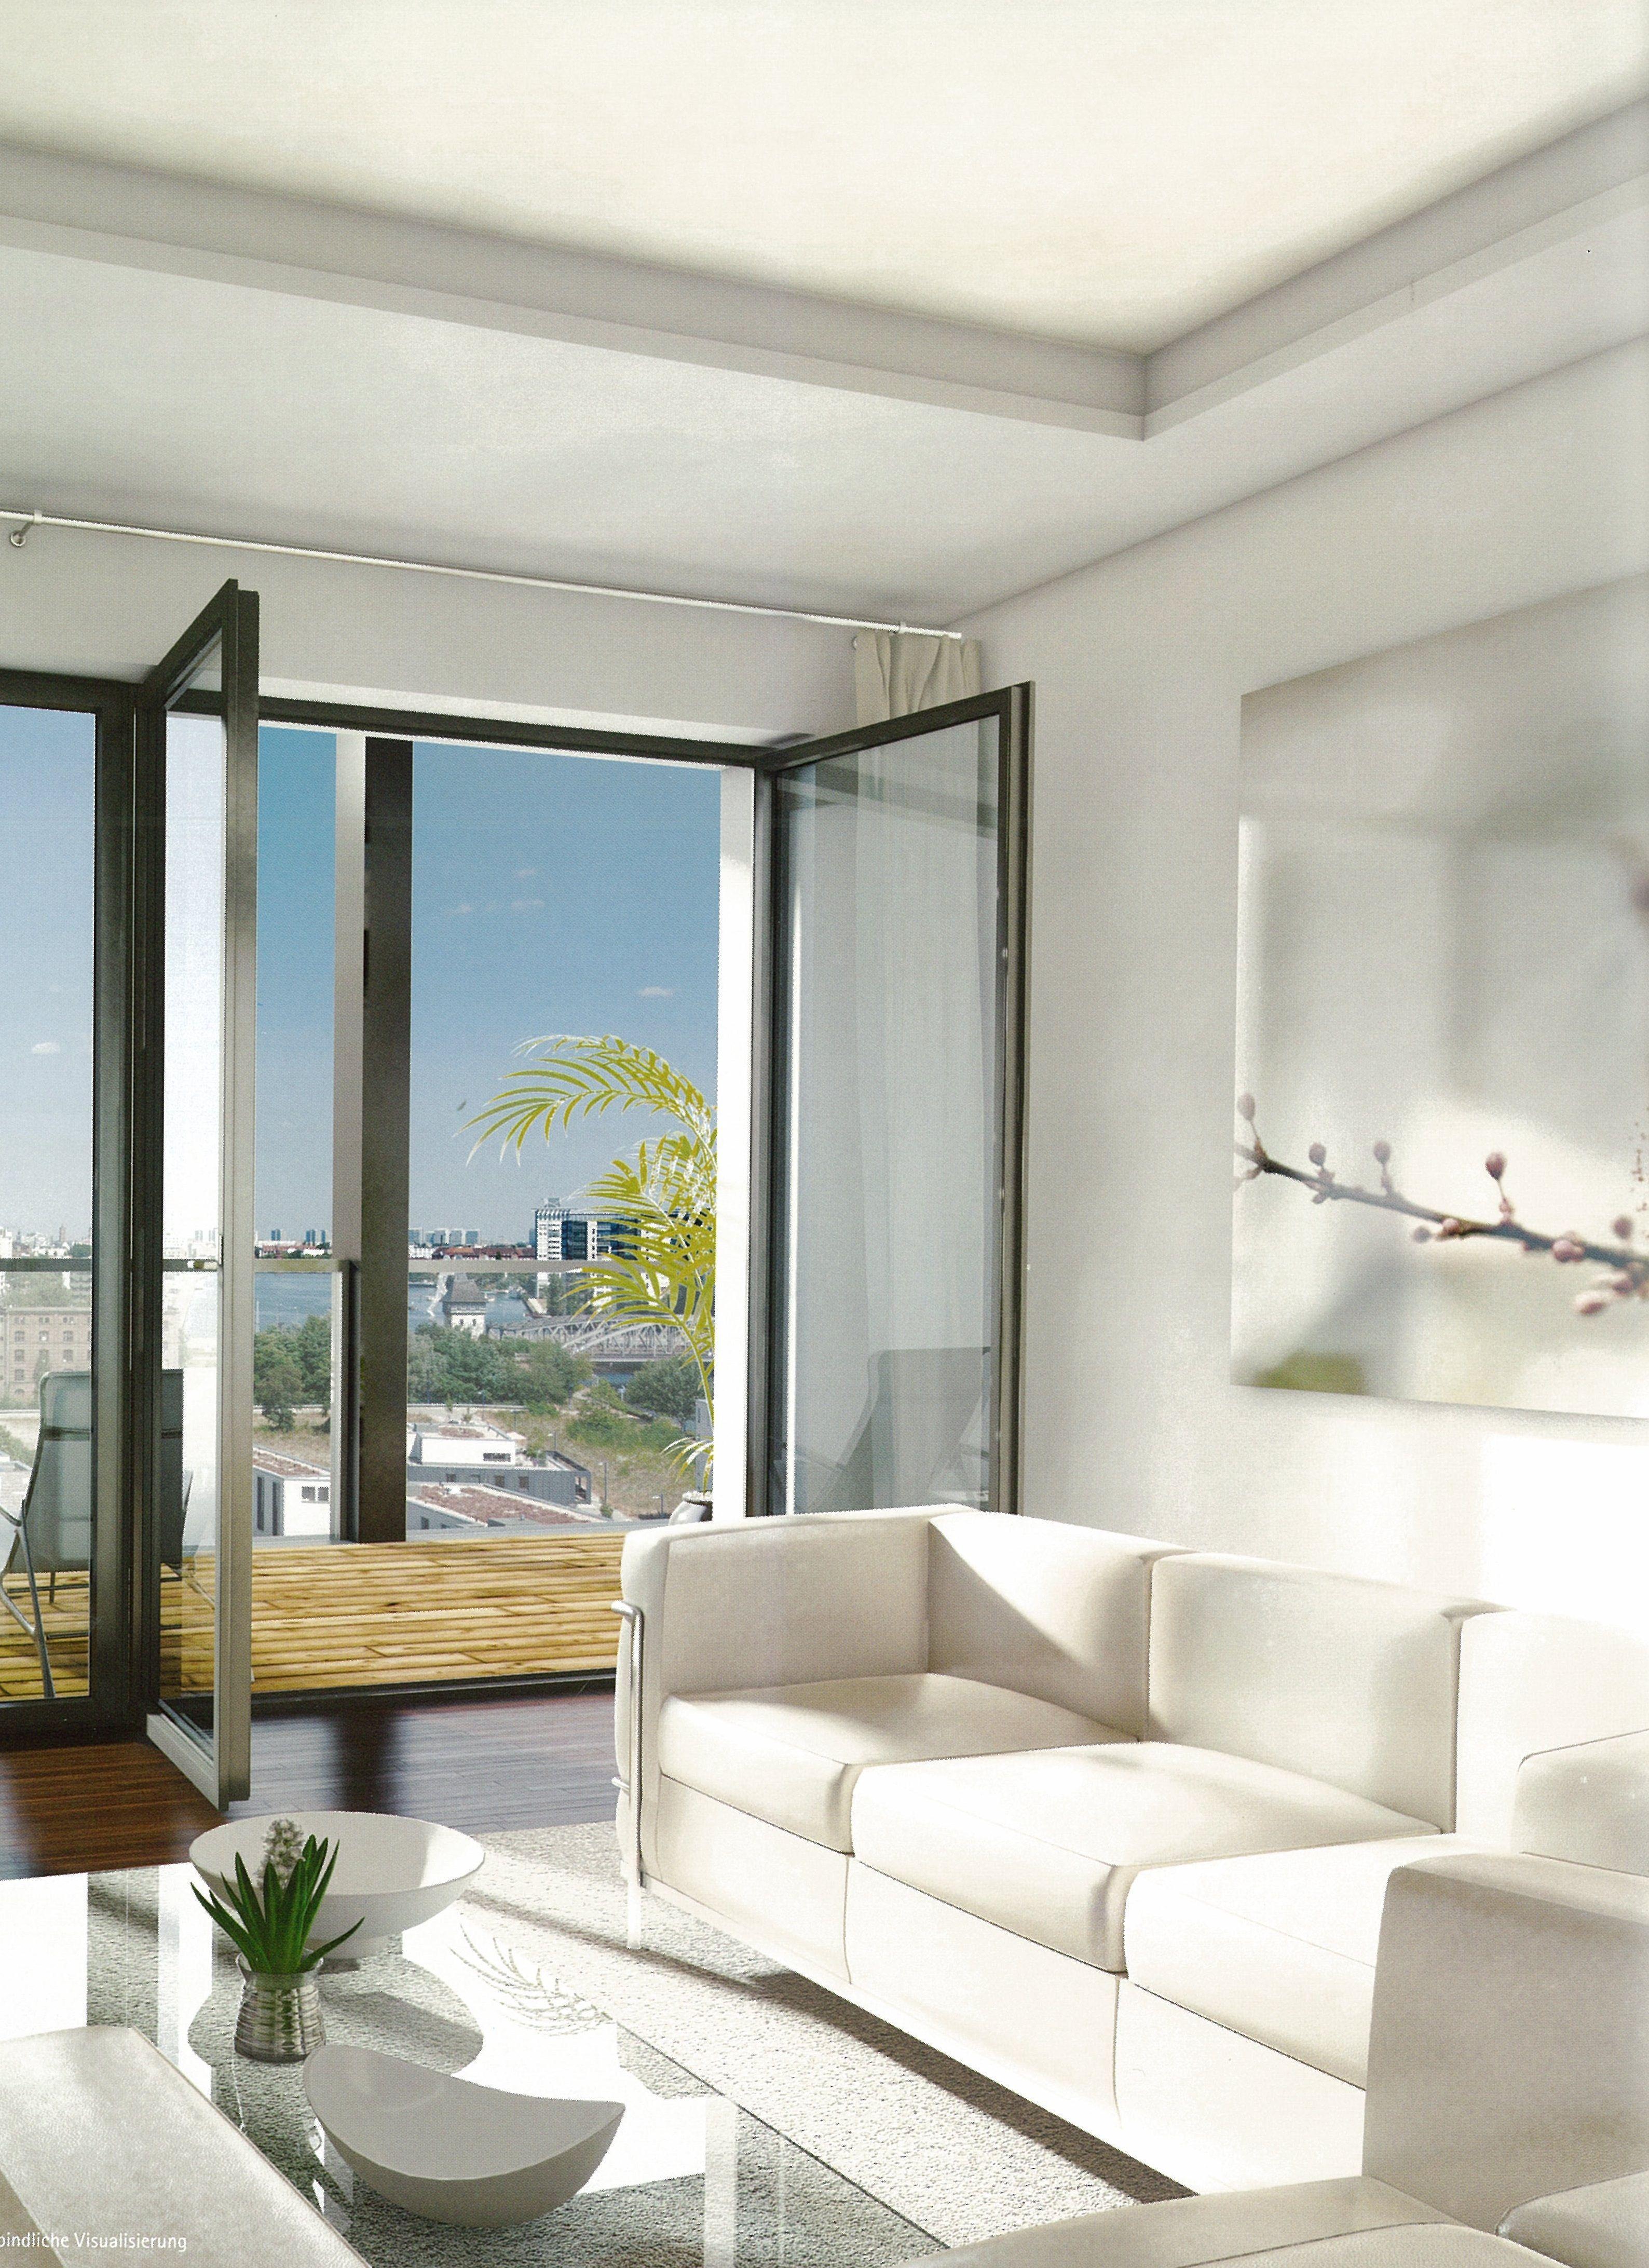 eingerichtetes wohnzimmer immobilien wohnung kapitalanlage schone hintern aussengestaltung html uberdimensionaler